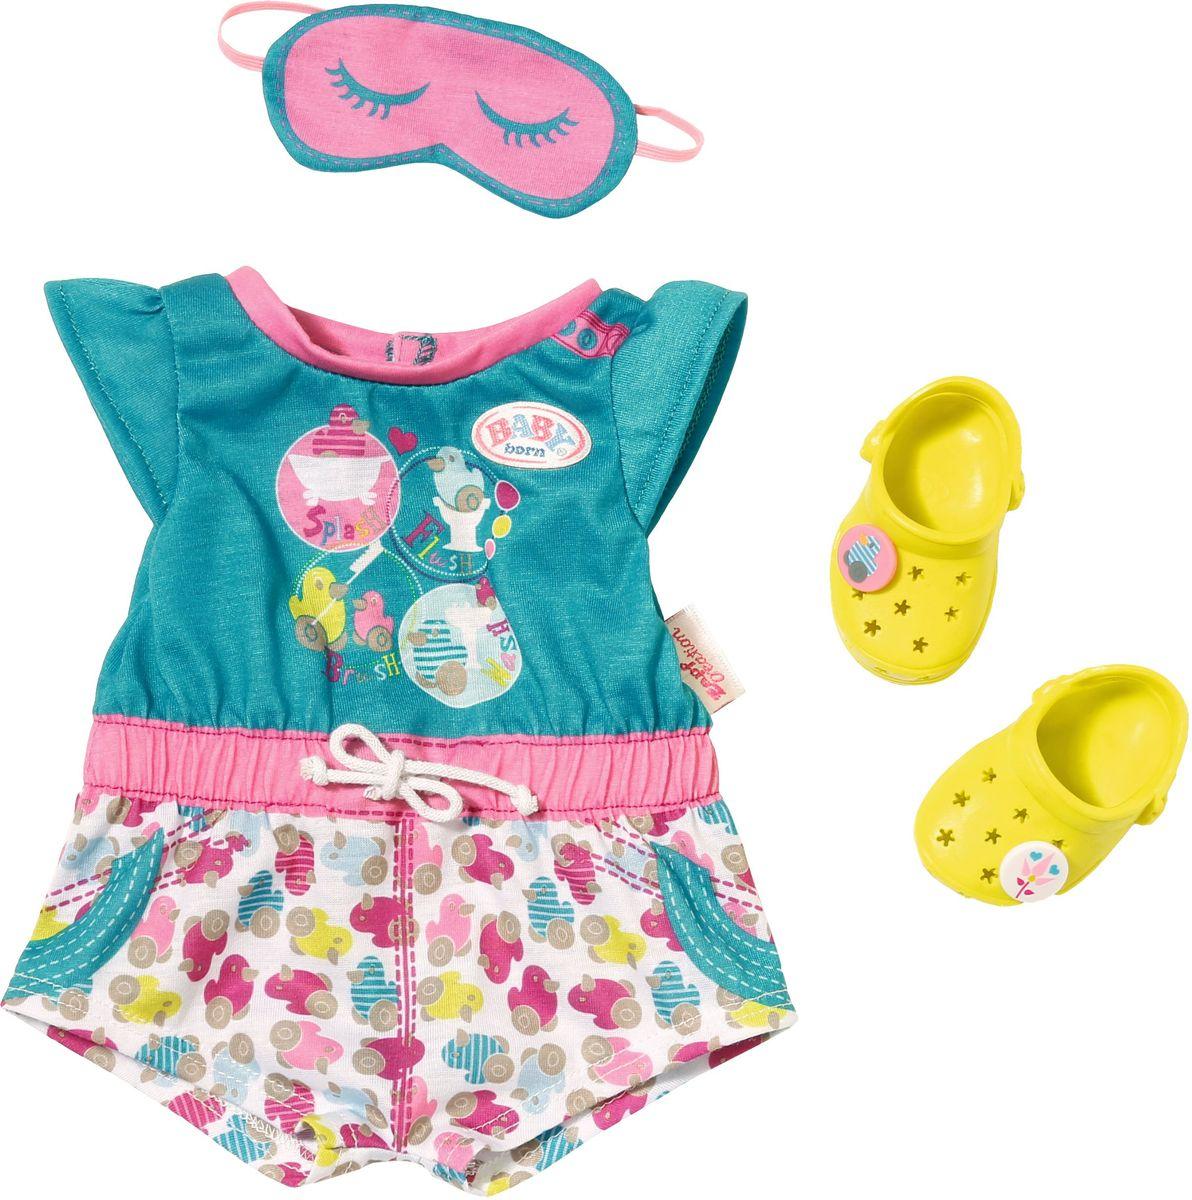 Baby Born Пижамка с обувью для кукол822-470Комплект одежды для куклы Baby Born включает пижамку с веселыми принтами, ярко-желтые кроксы, чтобы не ходить босиком по холодному полу, и повязку на глаза для спокойного сна.